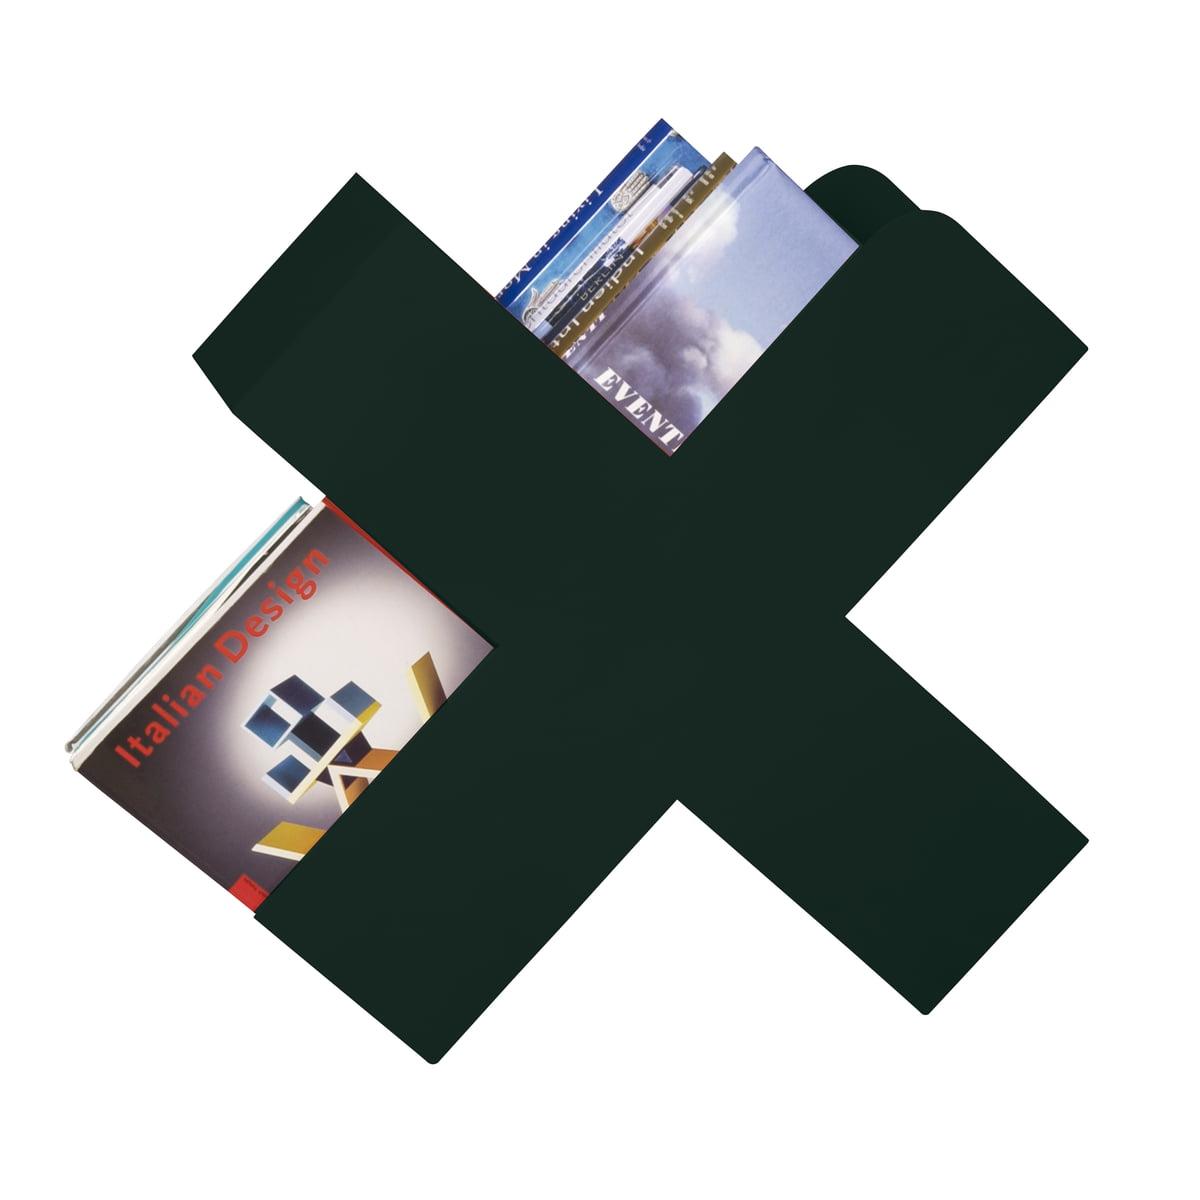 Mox - Bukan Zeitschriftenhalter, schwarz | Dekoration > Aufbewahrung und Ordnung > Zeitungsständer | Schwarz | Stahlblech pulverbeschichtet | Mox